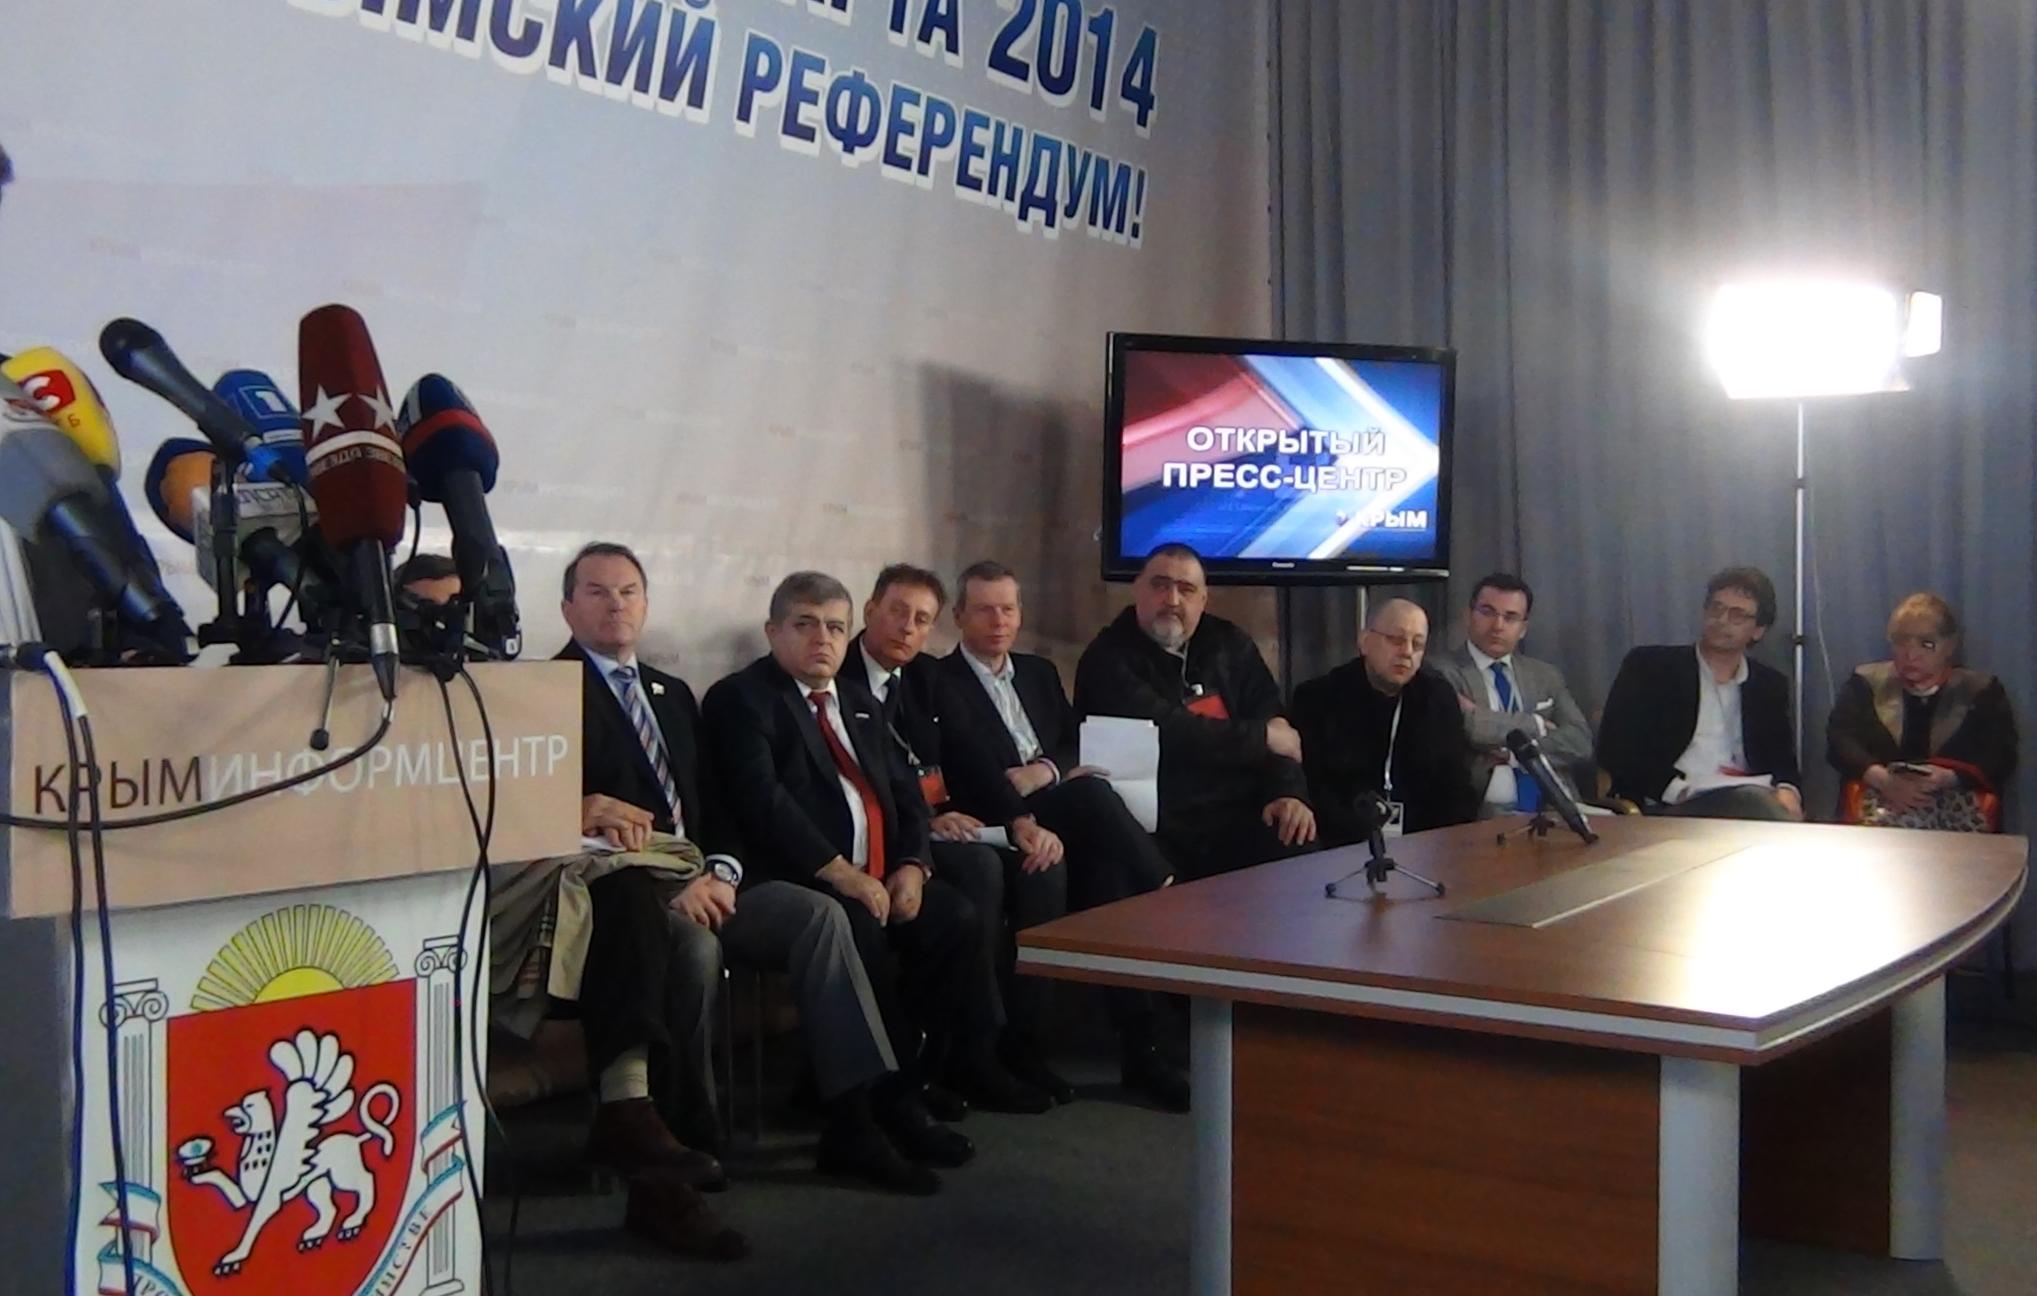 EODE - Mission en Crimée et désinformation (2014 03 17) ENGL